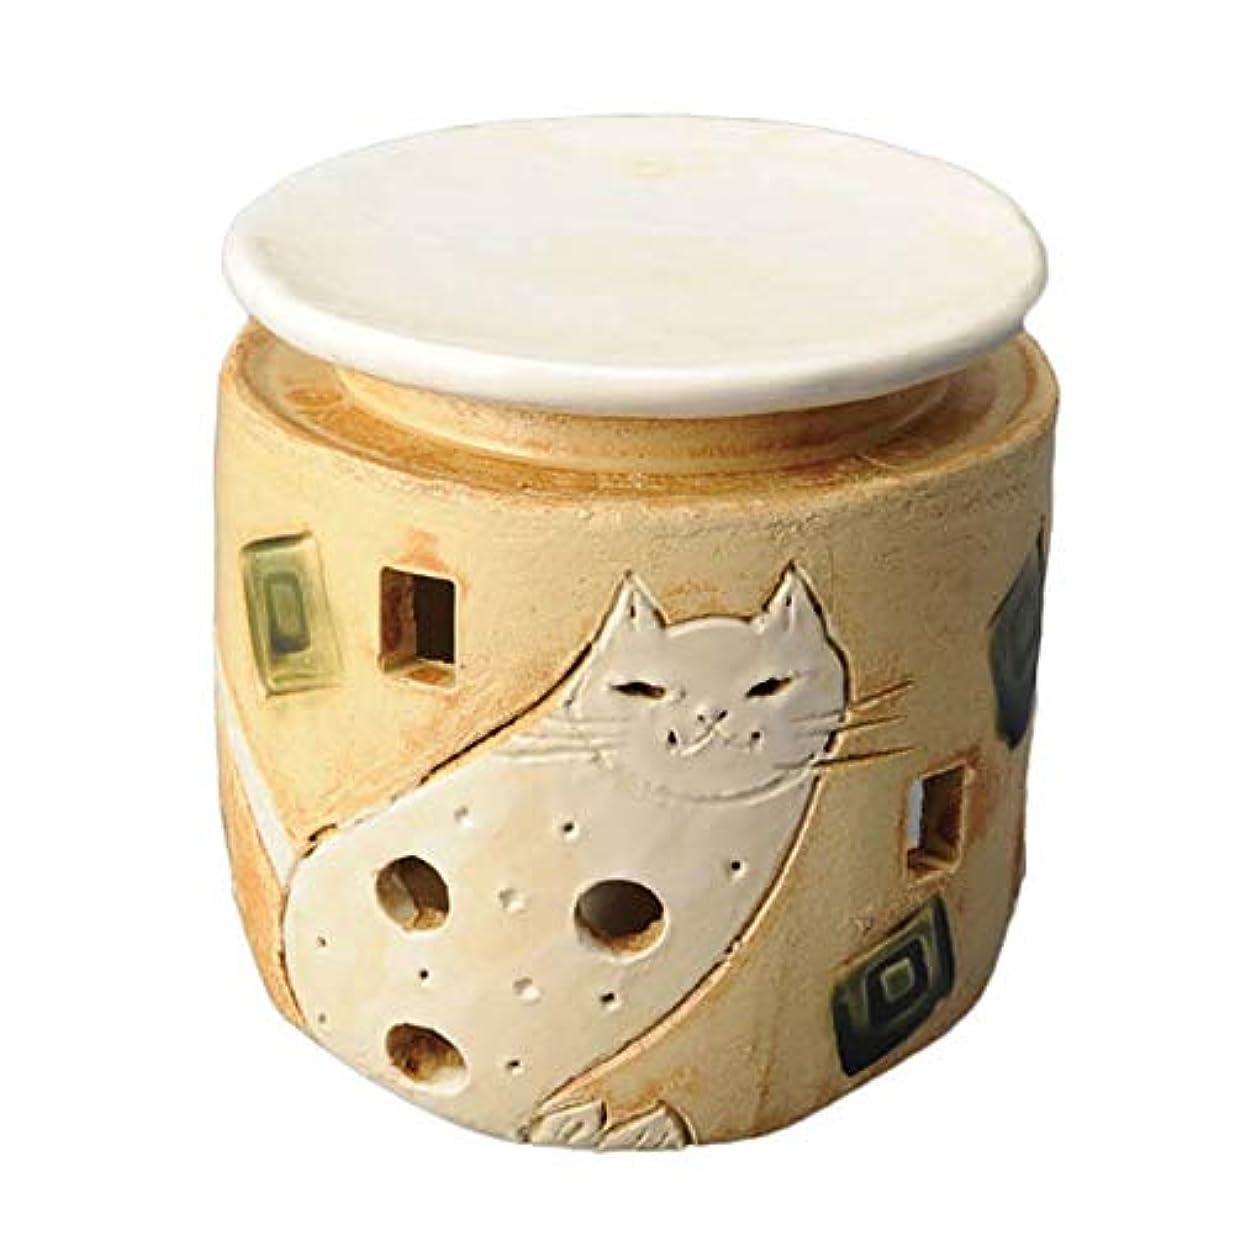 ツーリスト必要とする値下げ手造り 茶香炉/白猫 茶香炉/アロマ 癒やし リラックス インテリア 間接照明